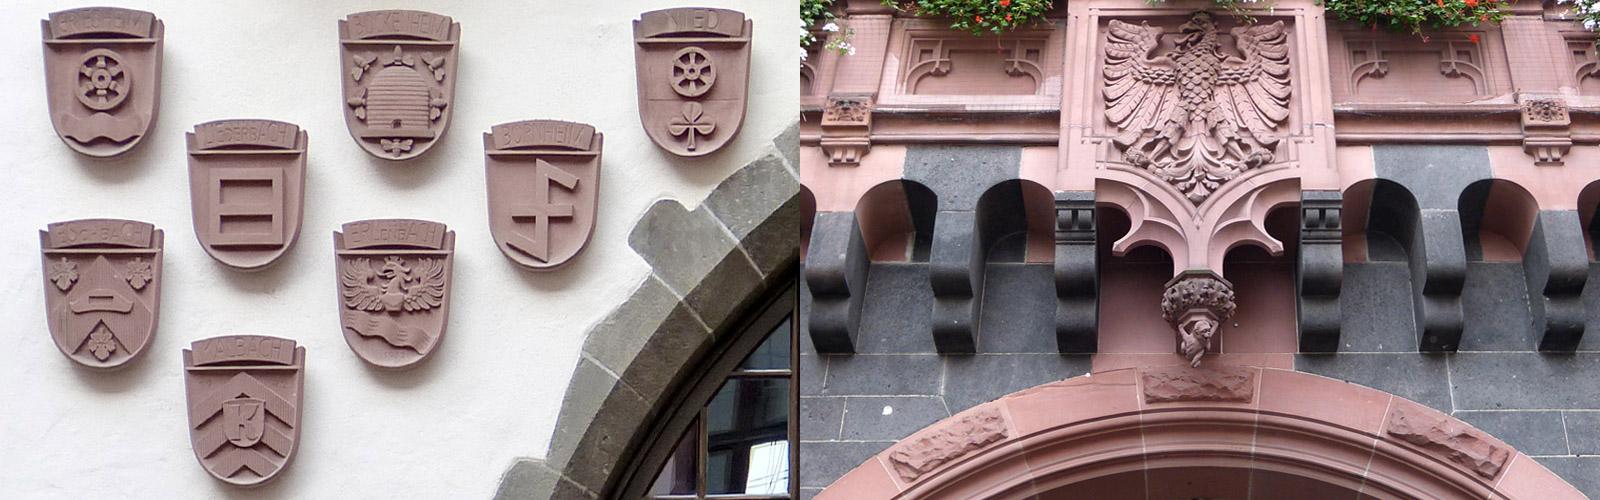 Stadtwappen und Gemeindewappen in Sandstein